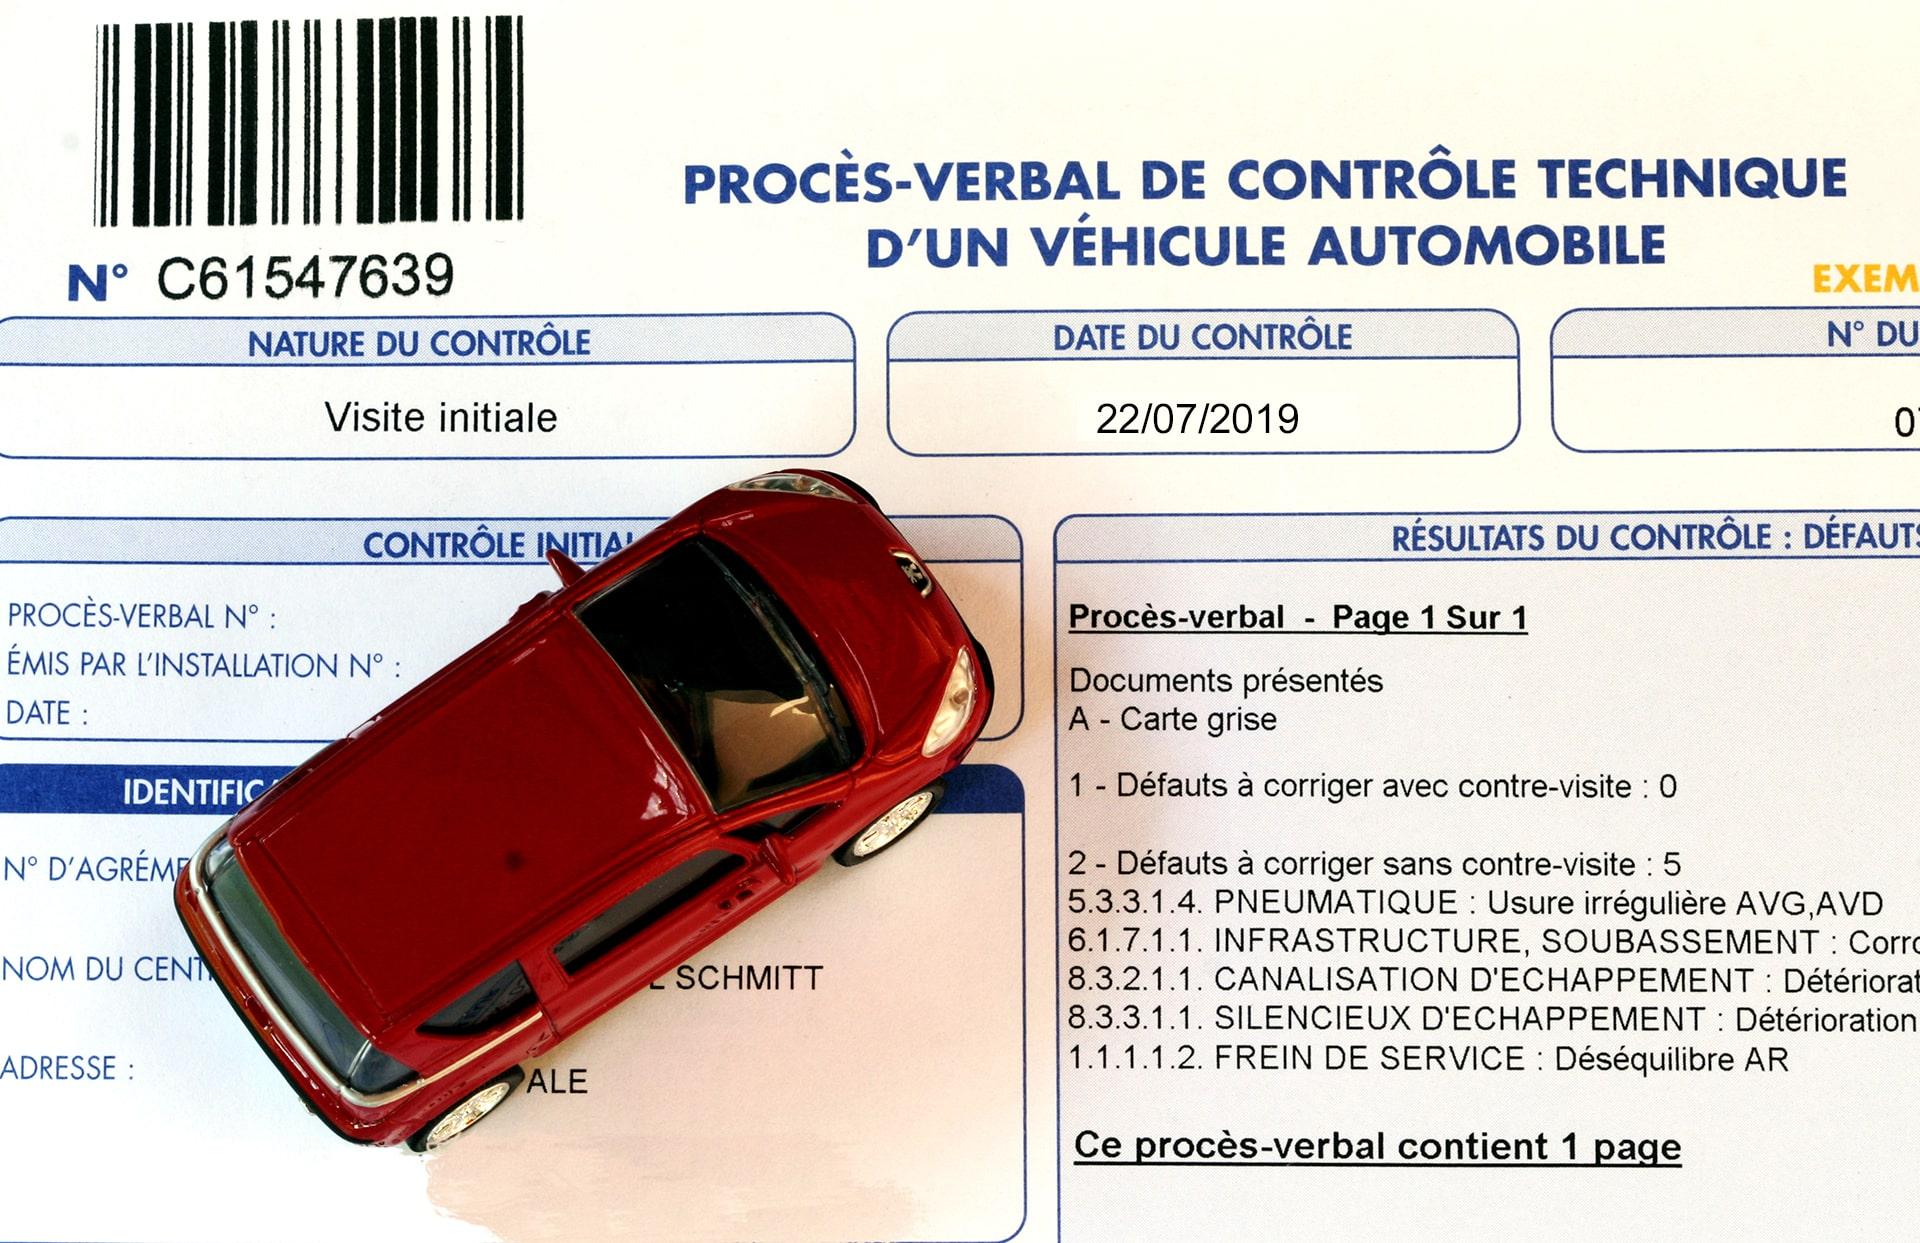 Lire et comprendre le procès verbal du contrôle technique de sa voiture